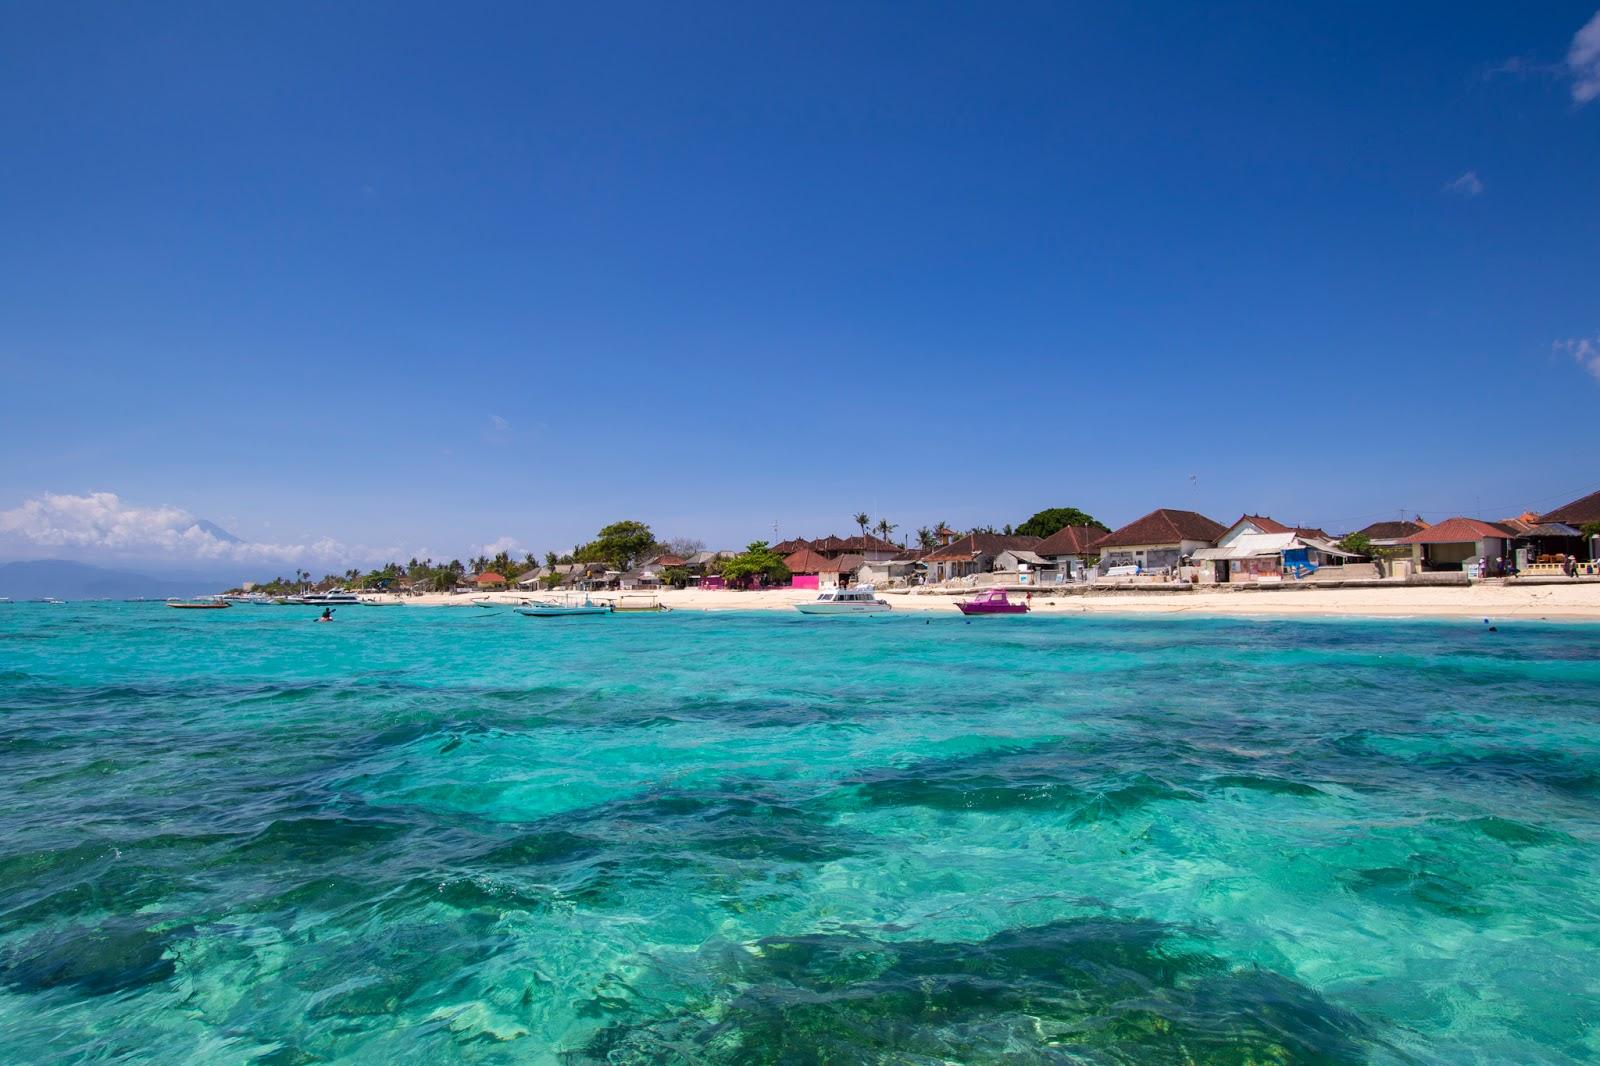 Bali, diario di viaggio: settimo giorno